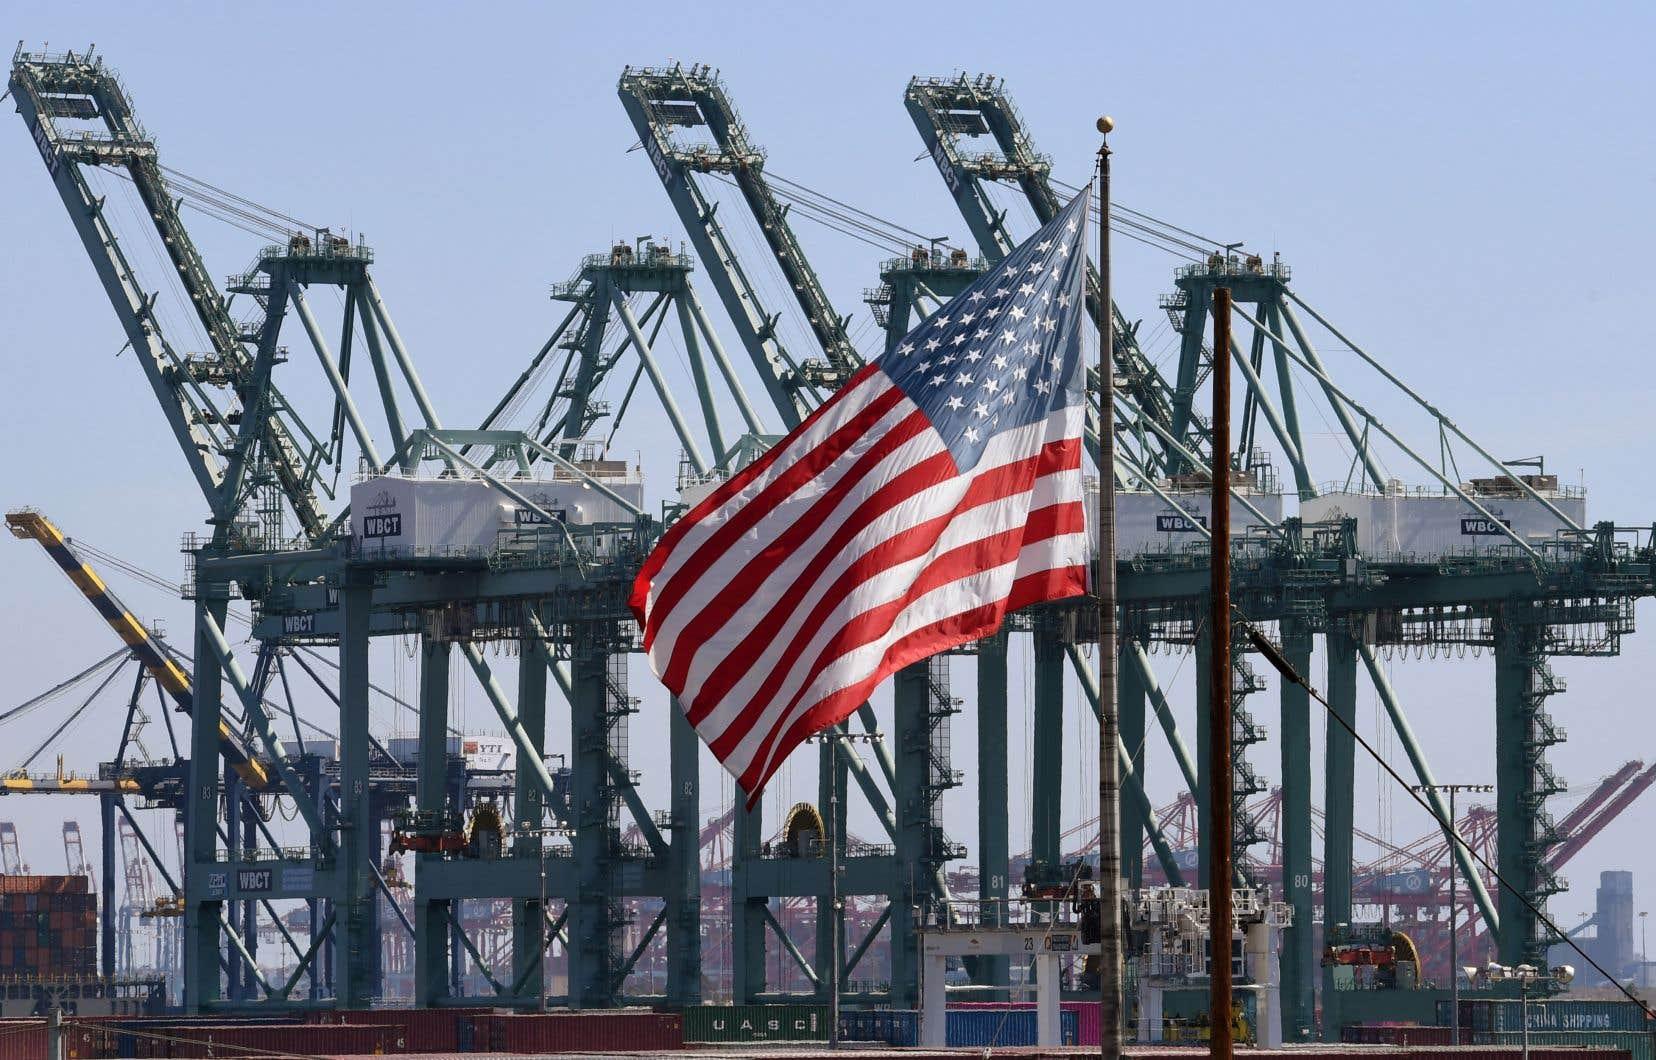 Pour le principal conseiller économique de la Maison-Blanche, Larry Kudlow, cette performance veut dire que «les politiques menées marchent, comme la baisse des impôts, la dérégulation, la réforme du commerce».